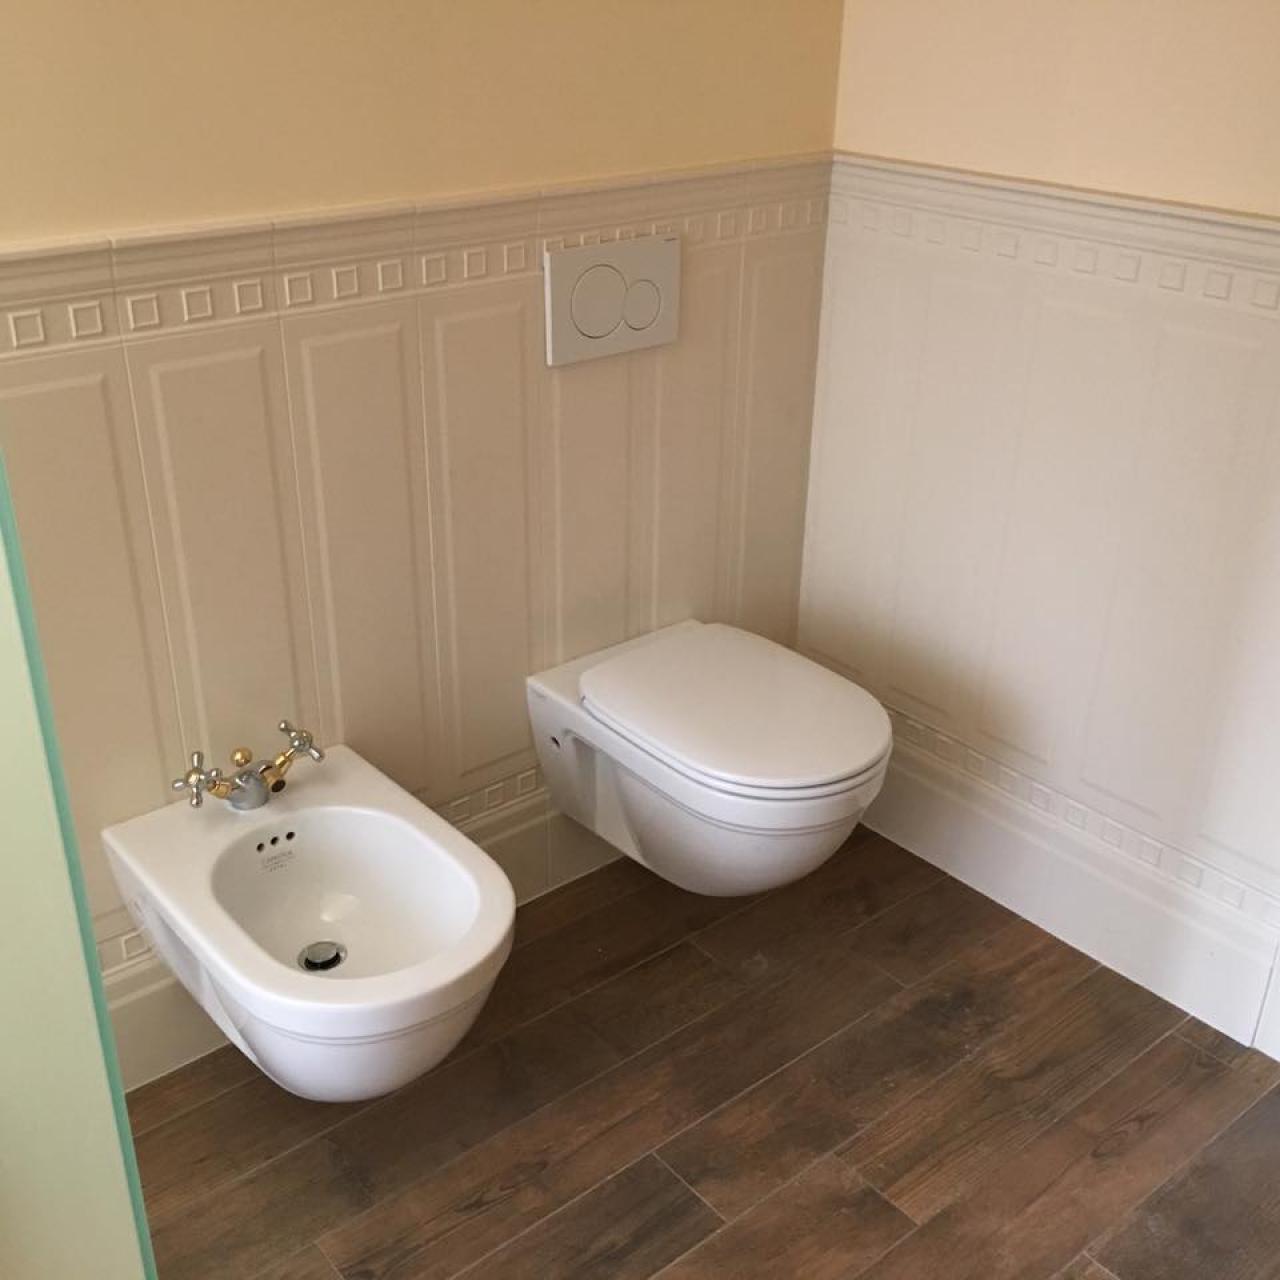 Boiserie bagno ceramica 28 images rem pavimenti e rivestimenti boiserie bagno marazzi - Pavimenti e rivestimenti bagno classico ...